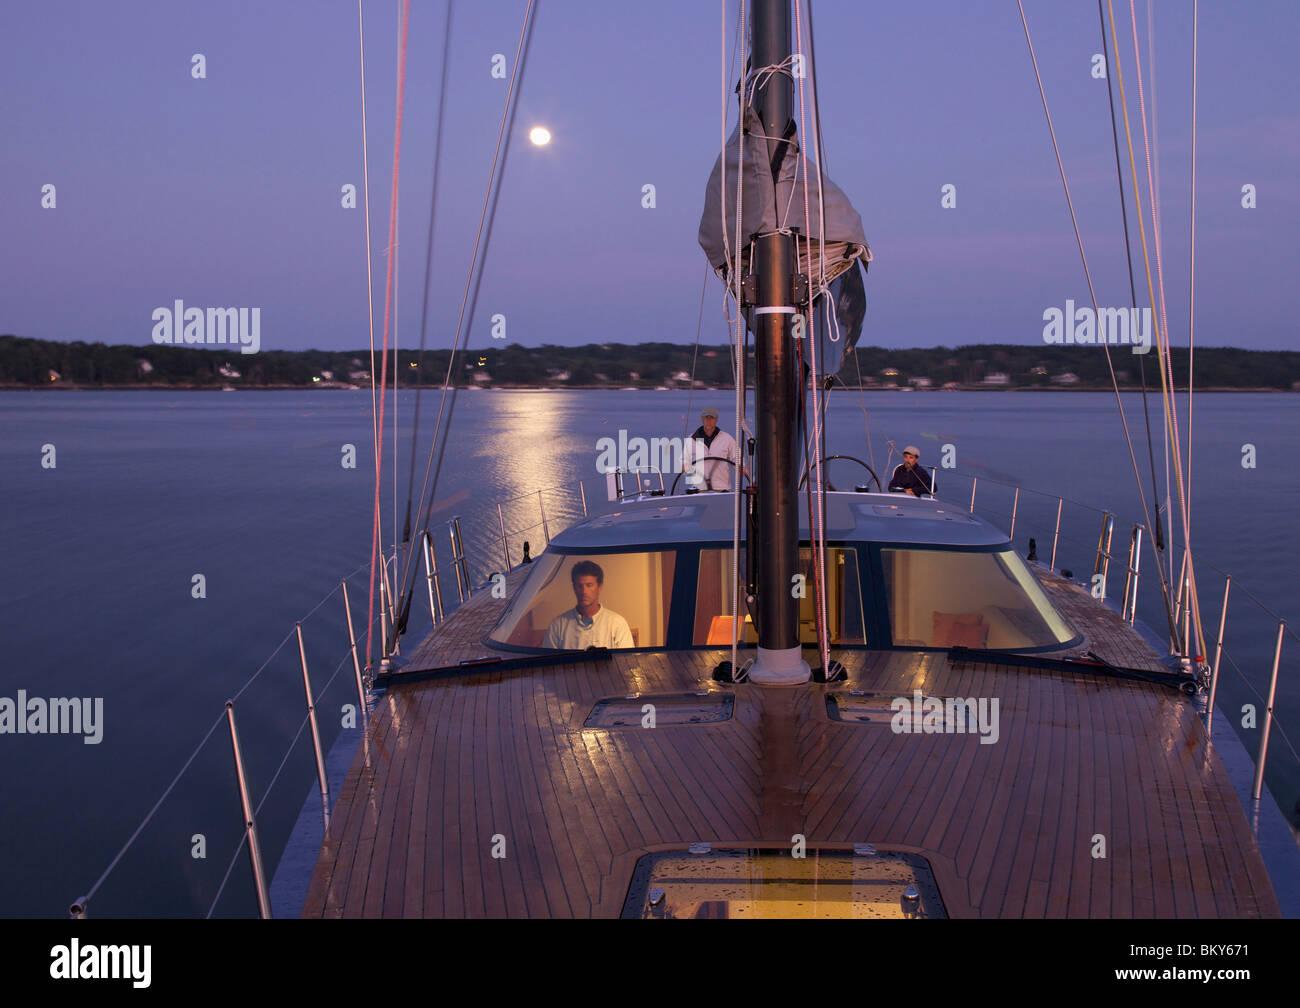 Una tripulación navega en un yate de carreras a casa al anochecer, utilizando instrumentos de alta tecnología. Imagen De Stock